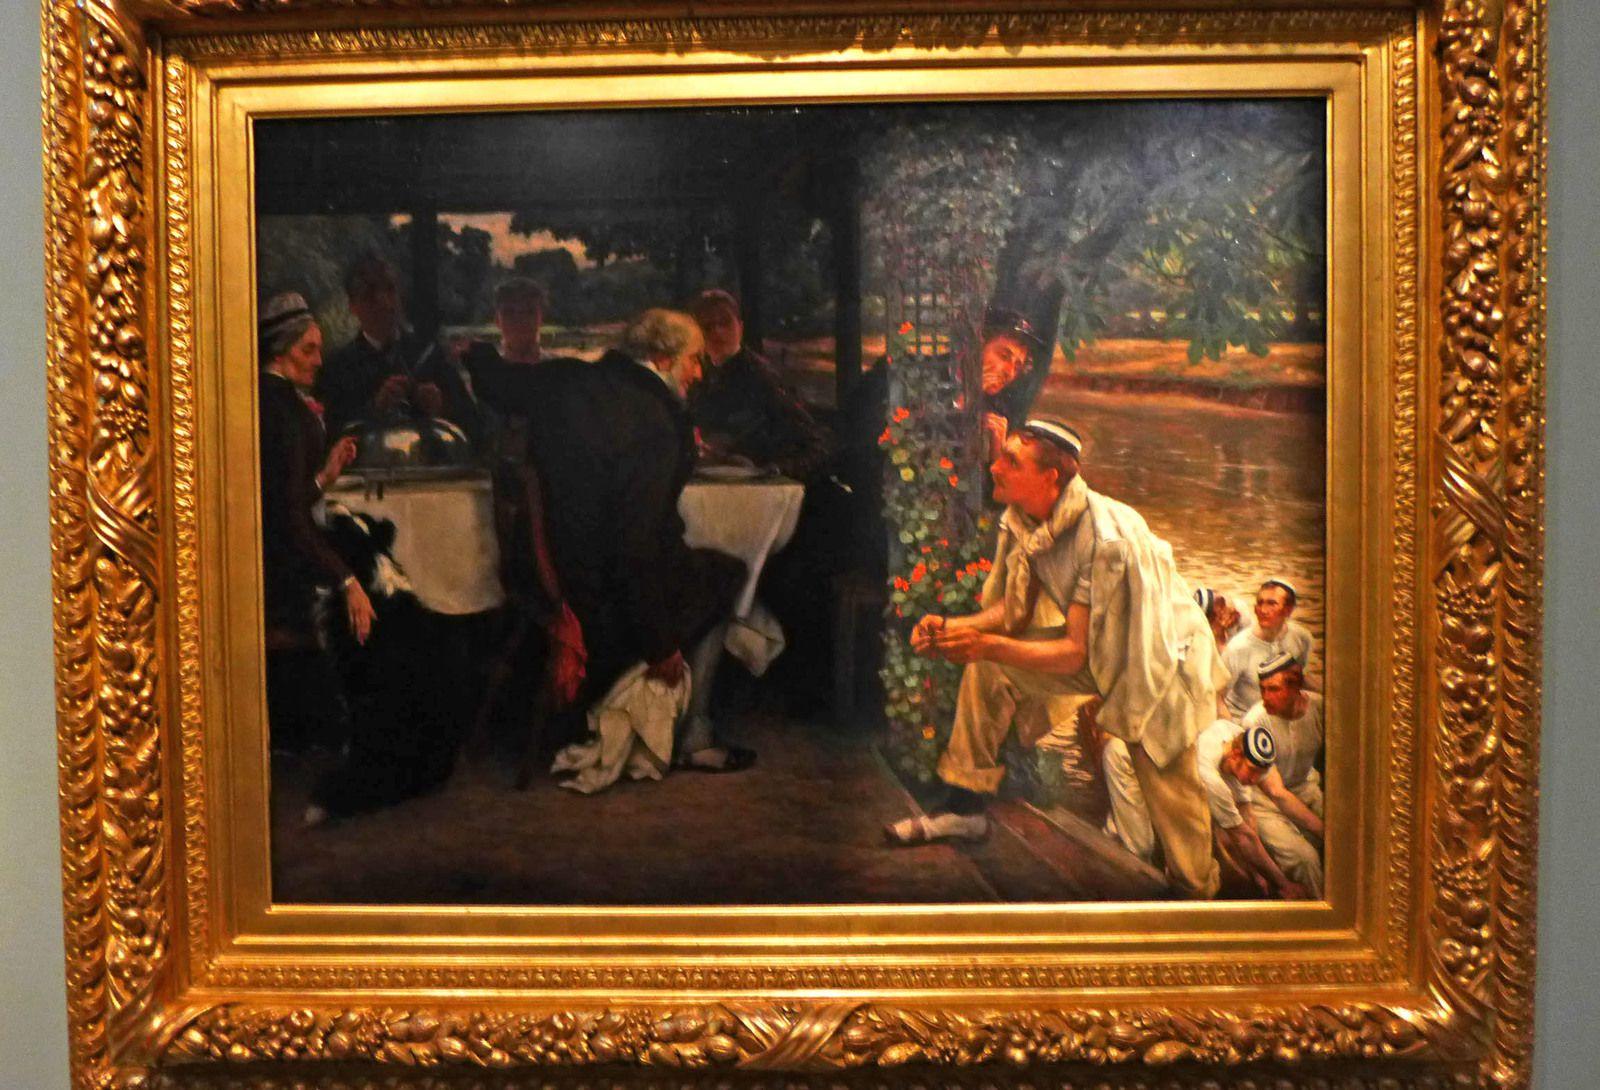 The Parable of the prodigal son : the fatted calf (1880), Paris, musée d'Orsay, en dépôt au musée d'Arts de Nantes